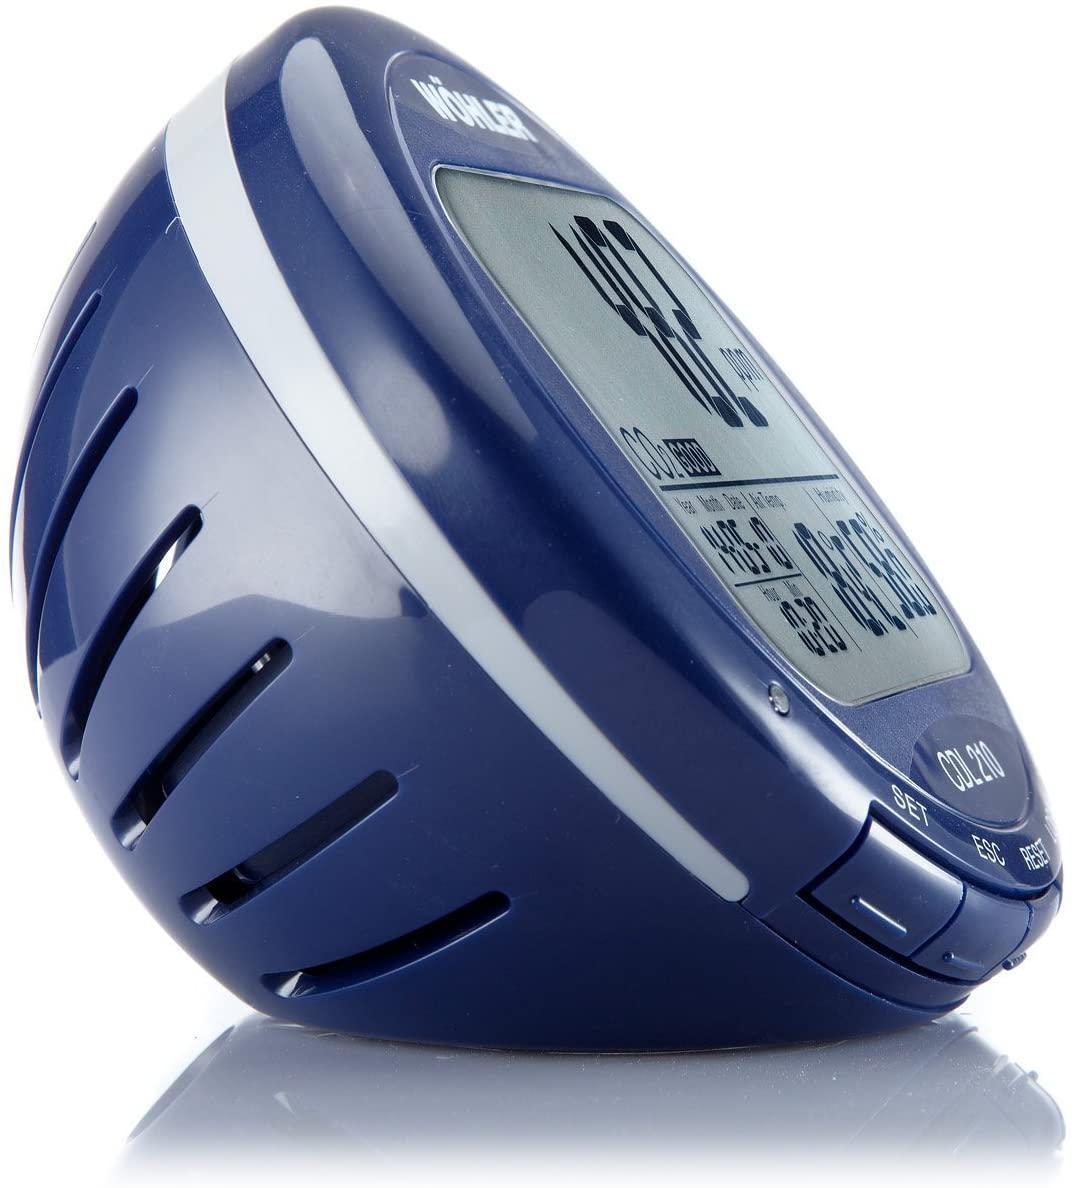 Indicador de la calidad del aire interior (IAQ) MFCDL-110  con alarmas Wöhler.